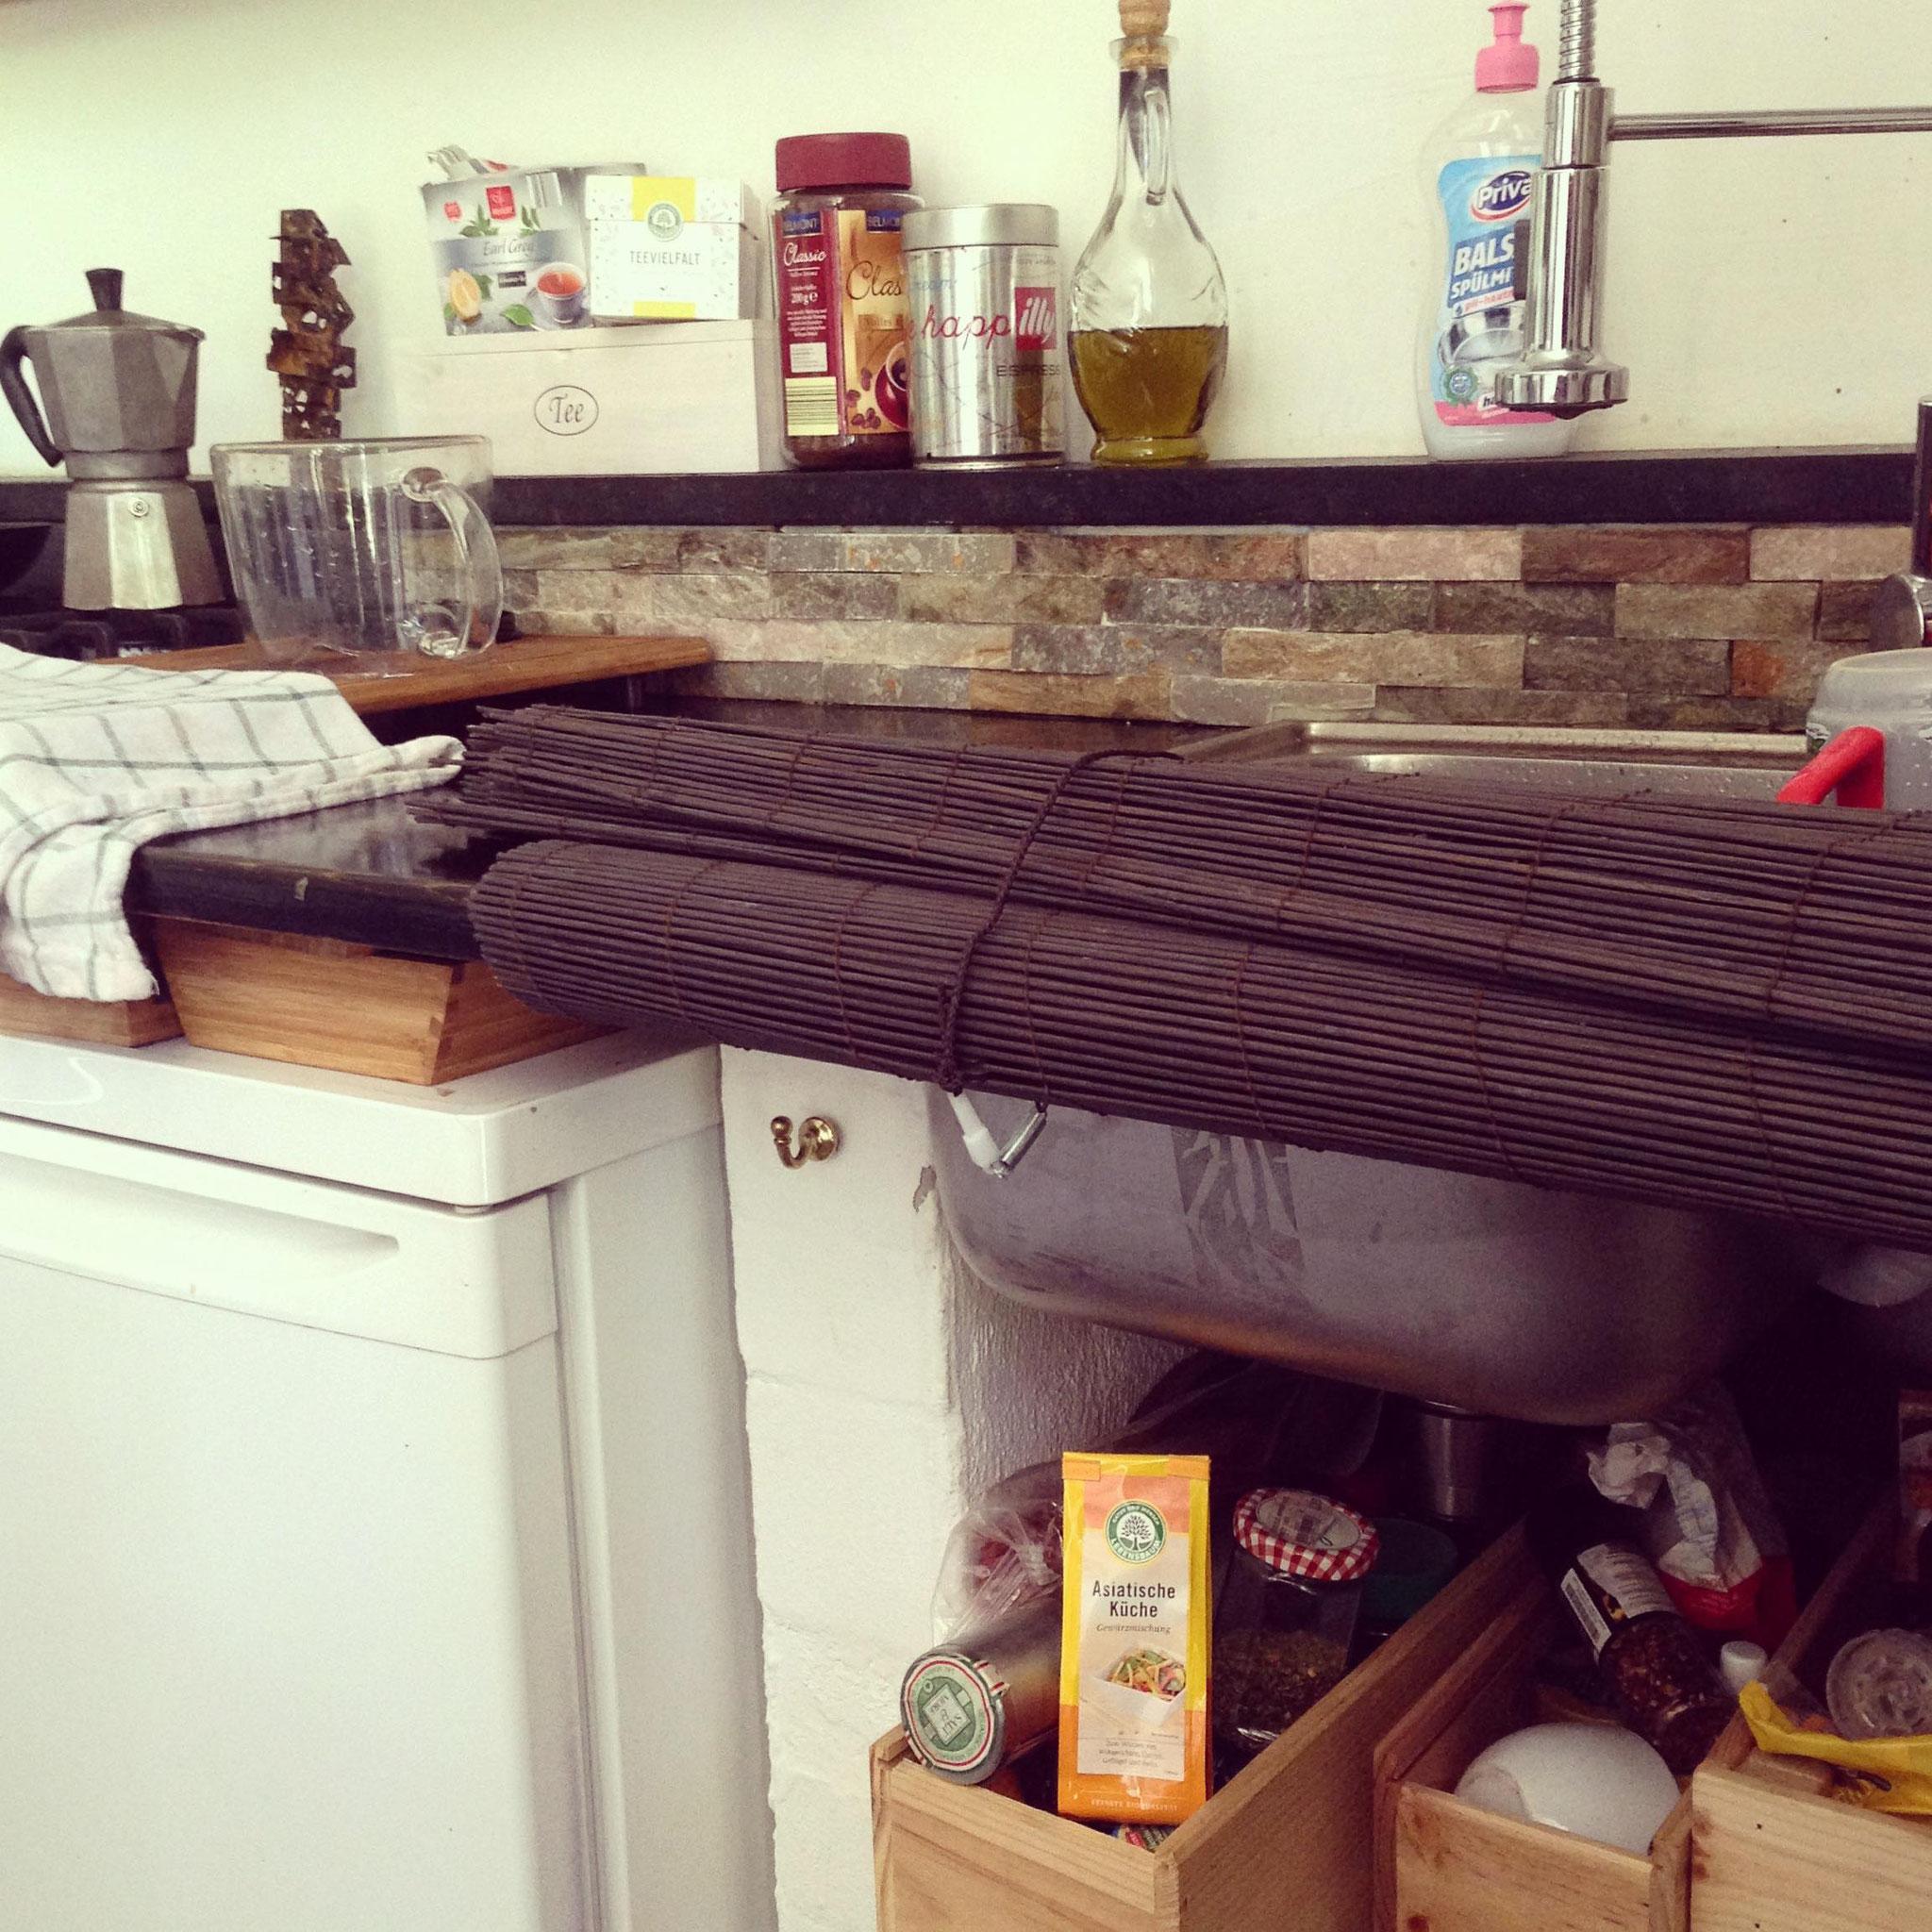 Die Küche vor Ort ist erfreulicherweise ganz gut mit Gewürzen ausgestattet. Etwas, das eher der Seltenheit entspricht.